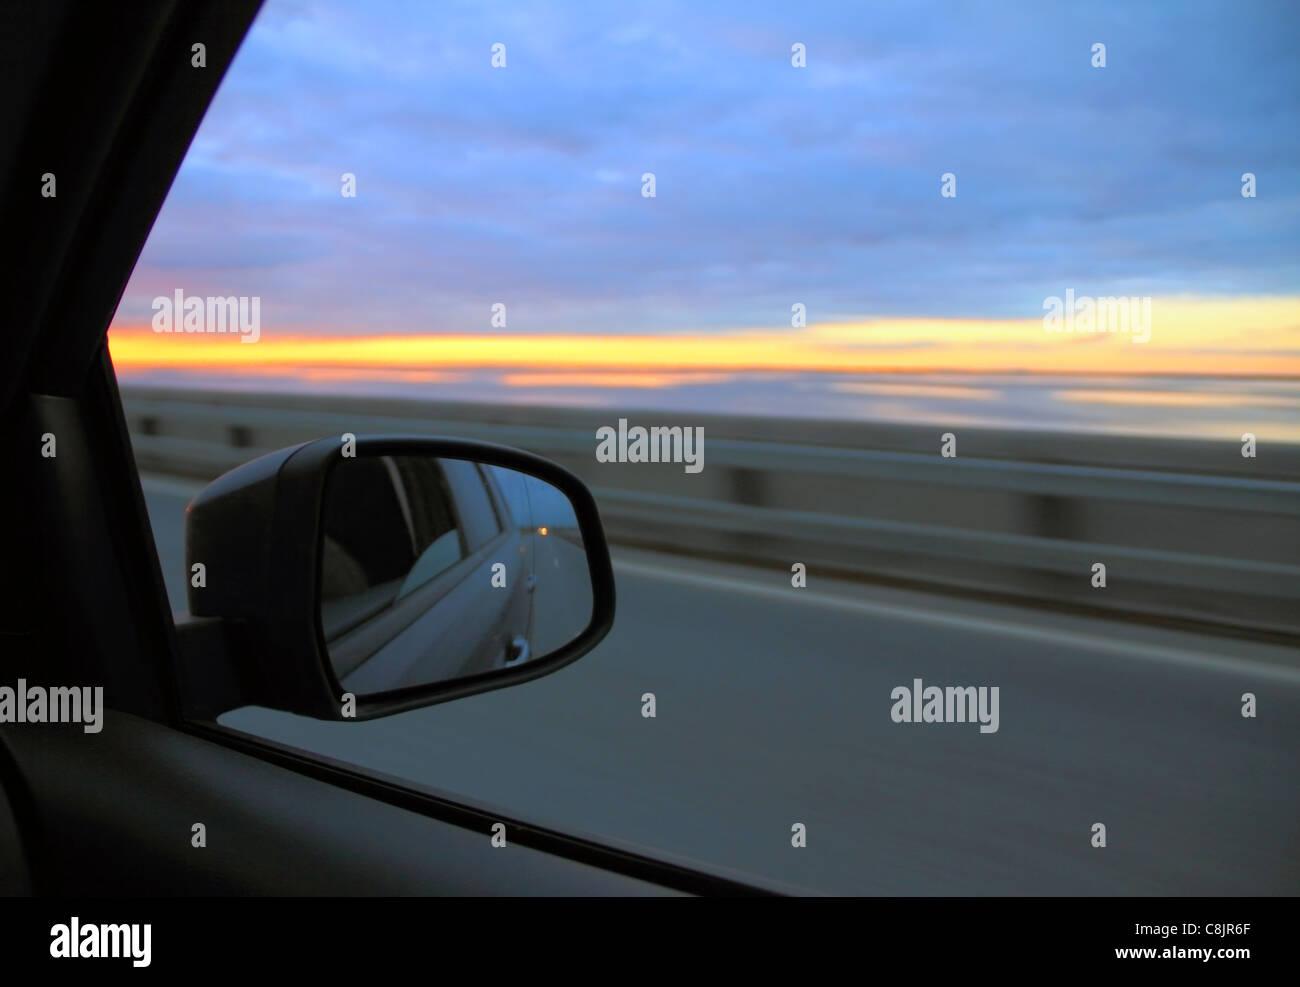 Voir dans le rétroviseur sur la voiture sur l'autoroute Photo Stock